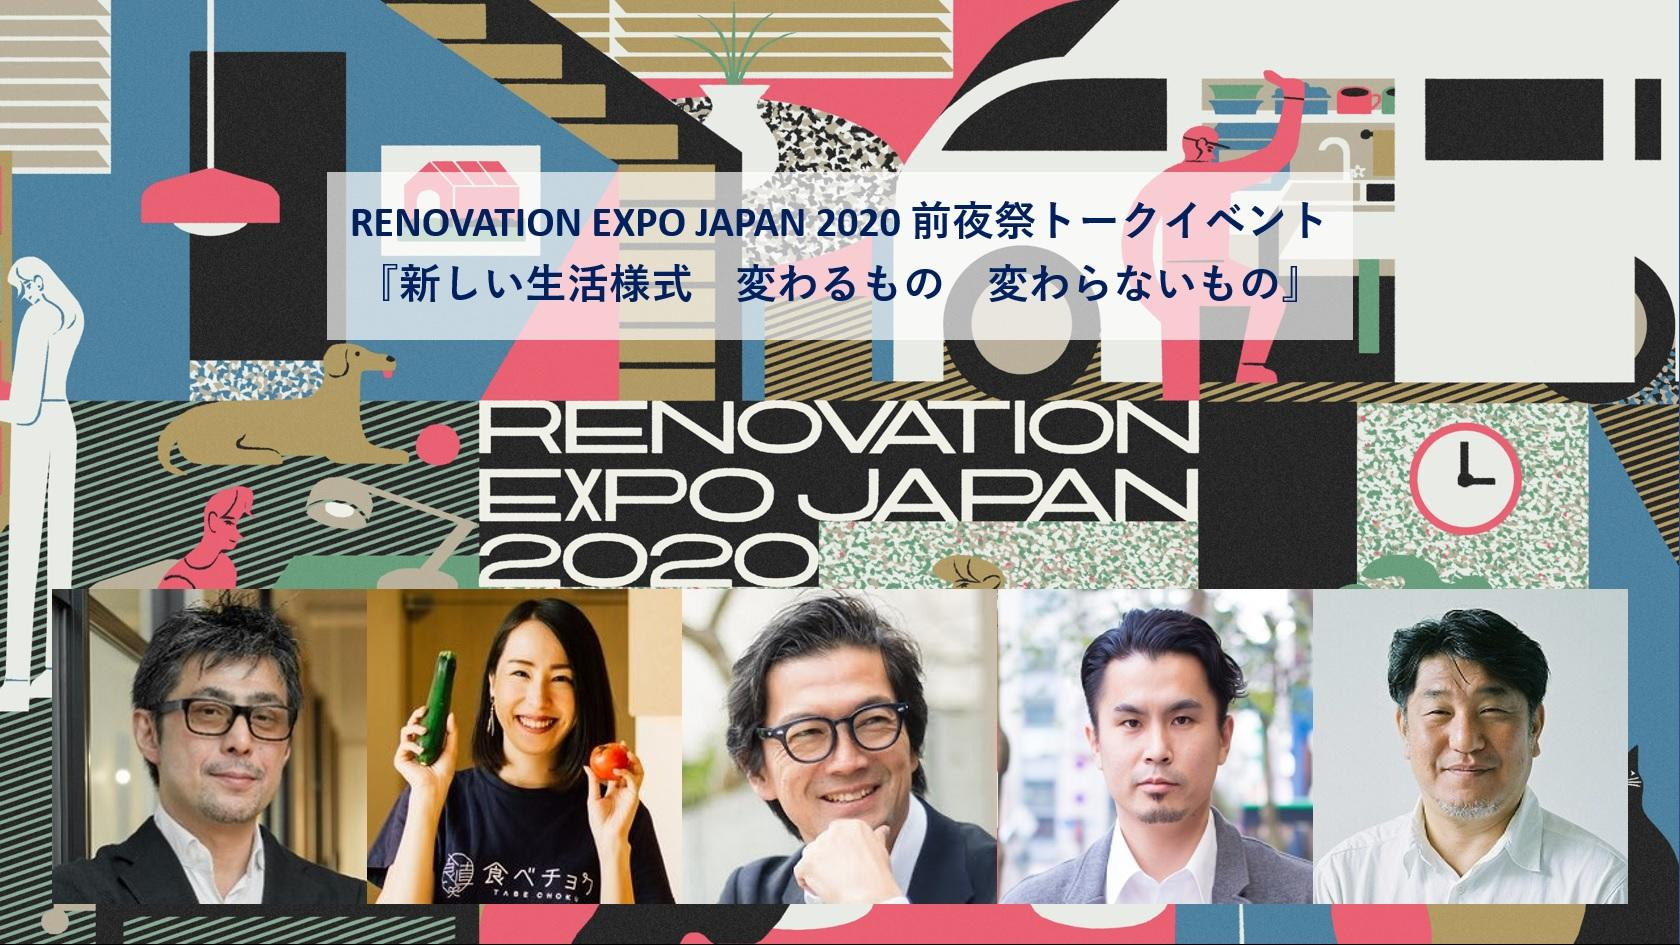 【お知らせ】リノベーションEXPO JAPAN 2020(オンライン)・前夜祭トークイベント(11/13)開催について